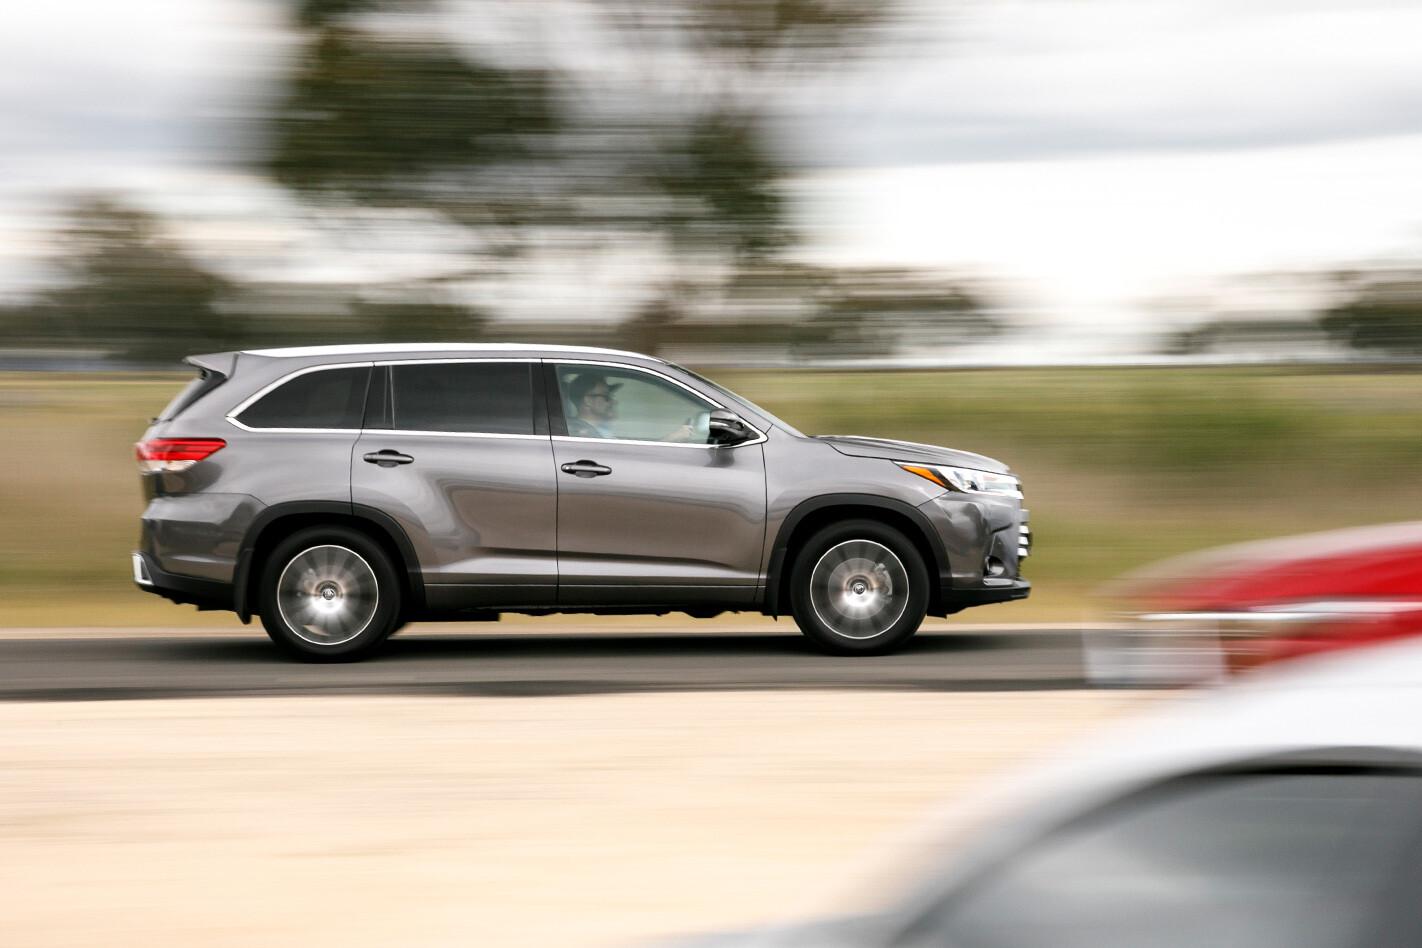 Toyota Kluger Side Action Jpg